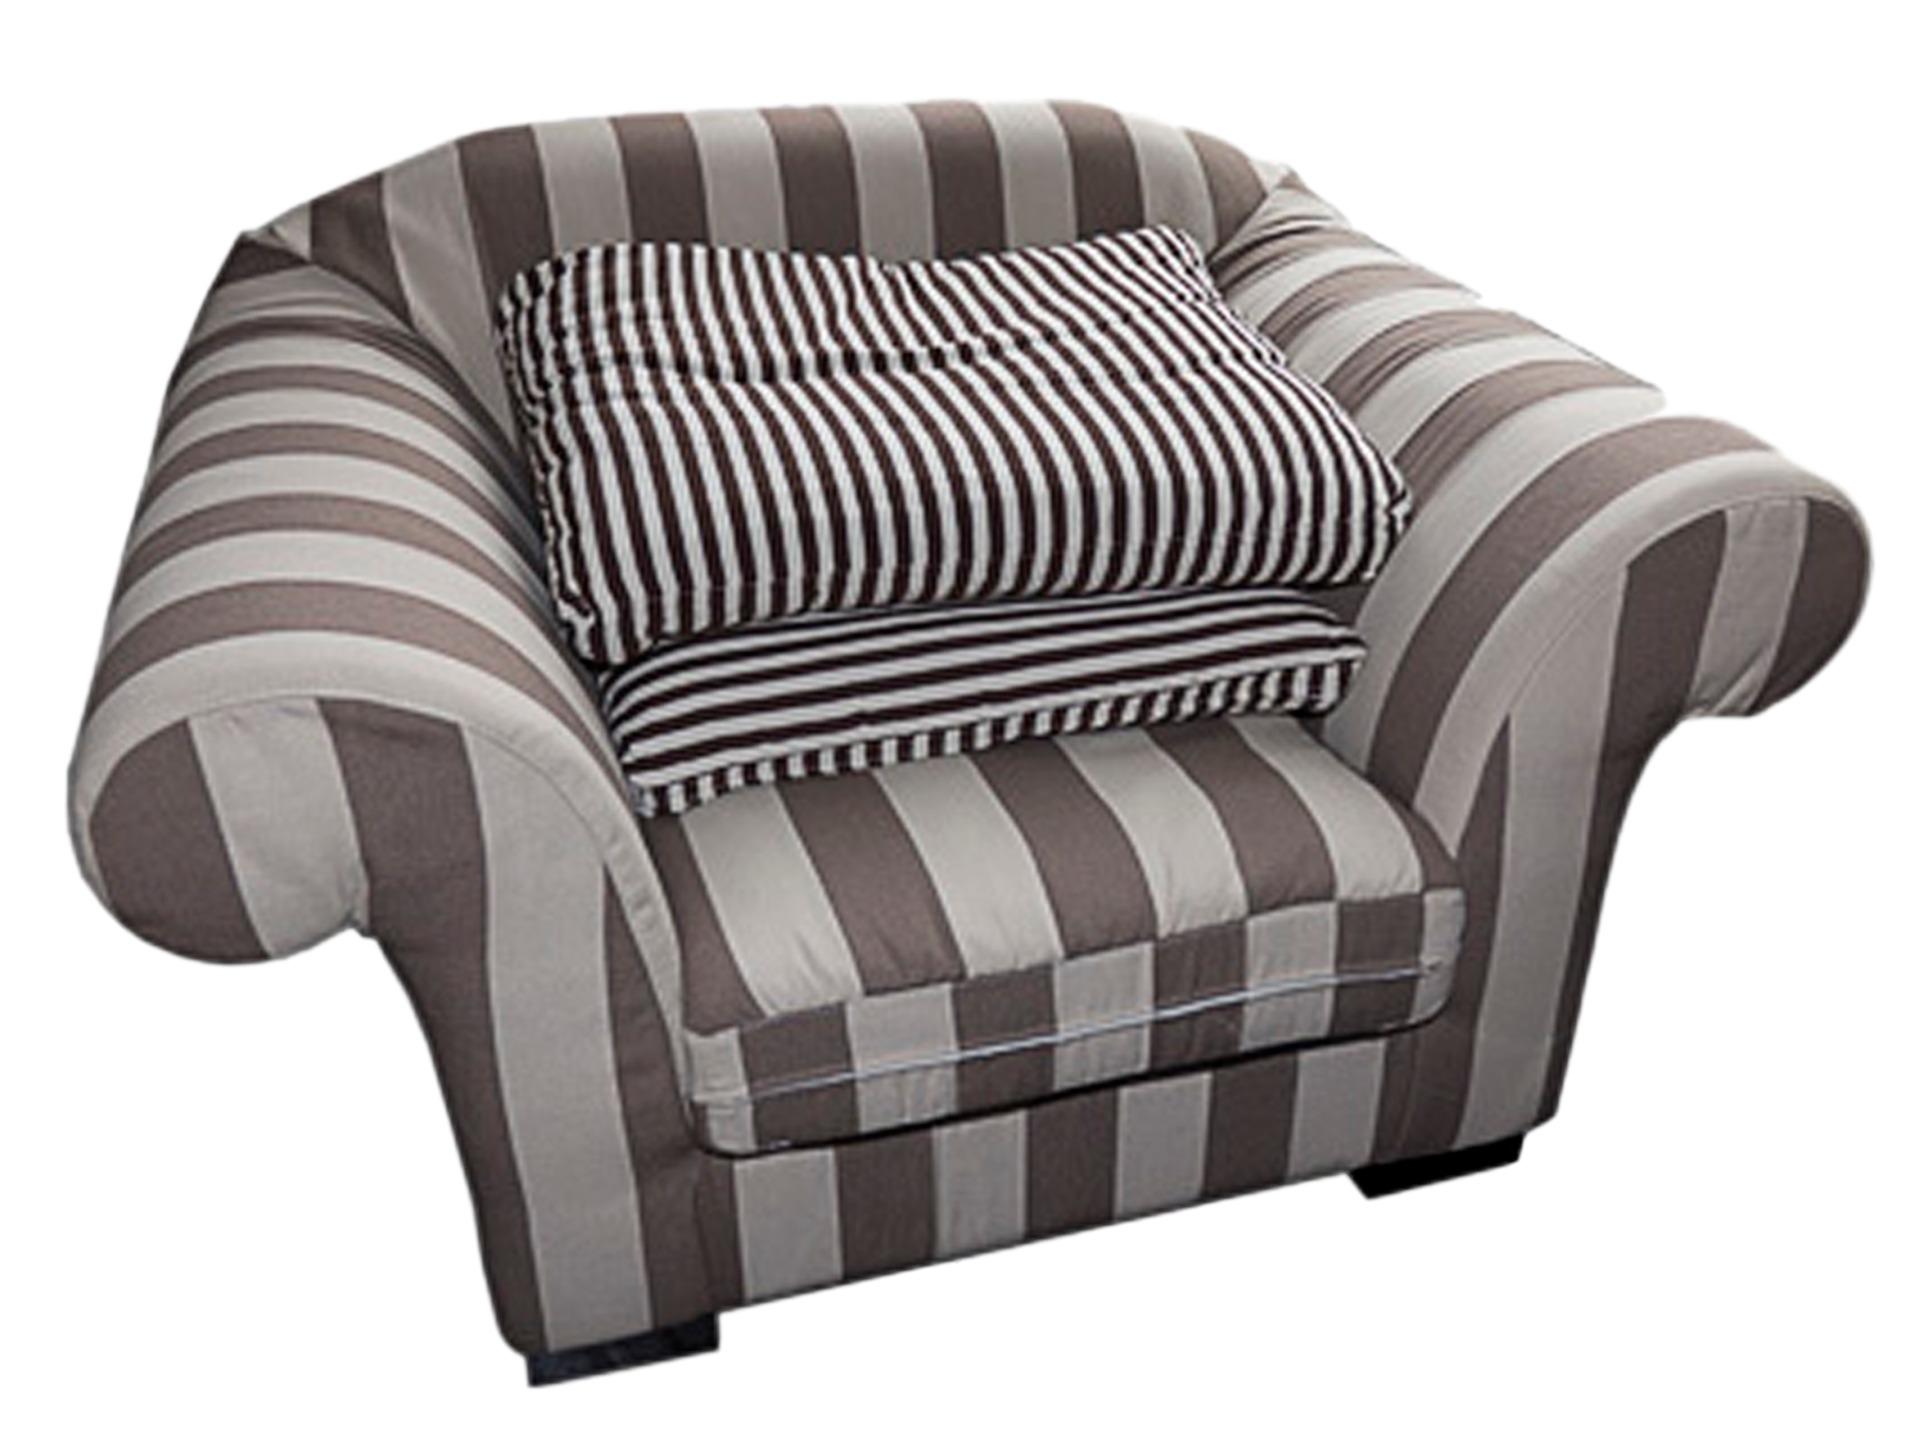 КреслоИнтерьерные кресла<br>Кресло с полосатой обивкой.<br><br>Material: Текстиль<br>Width см: 130<br>Depth см: 100<br>Height см: 75